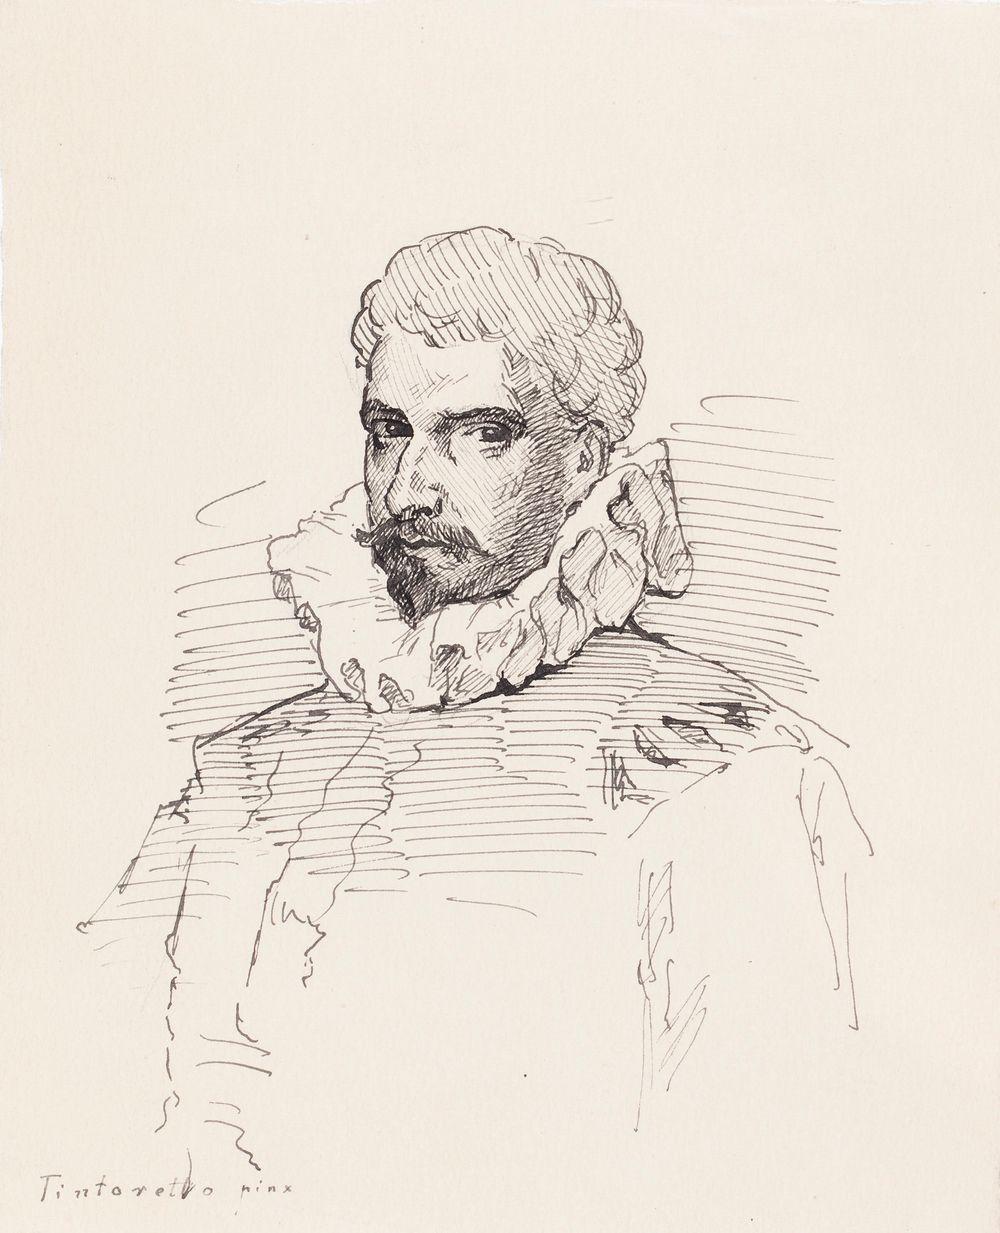 Miehen rintakuva, Tintoretton mukaan